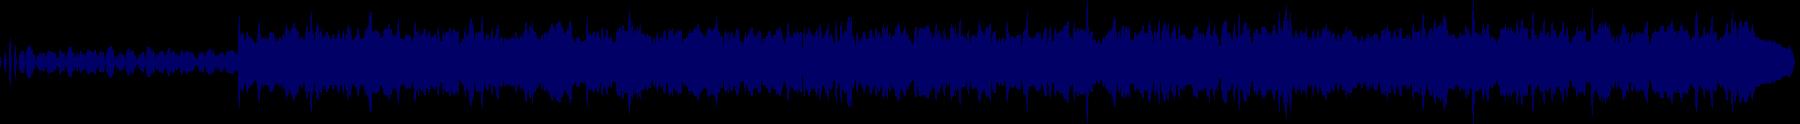 waveform of track #67089